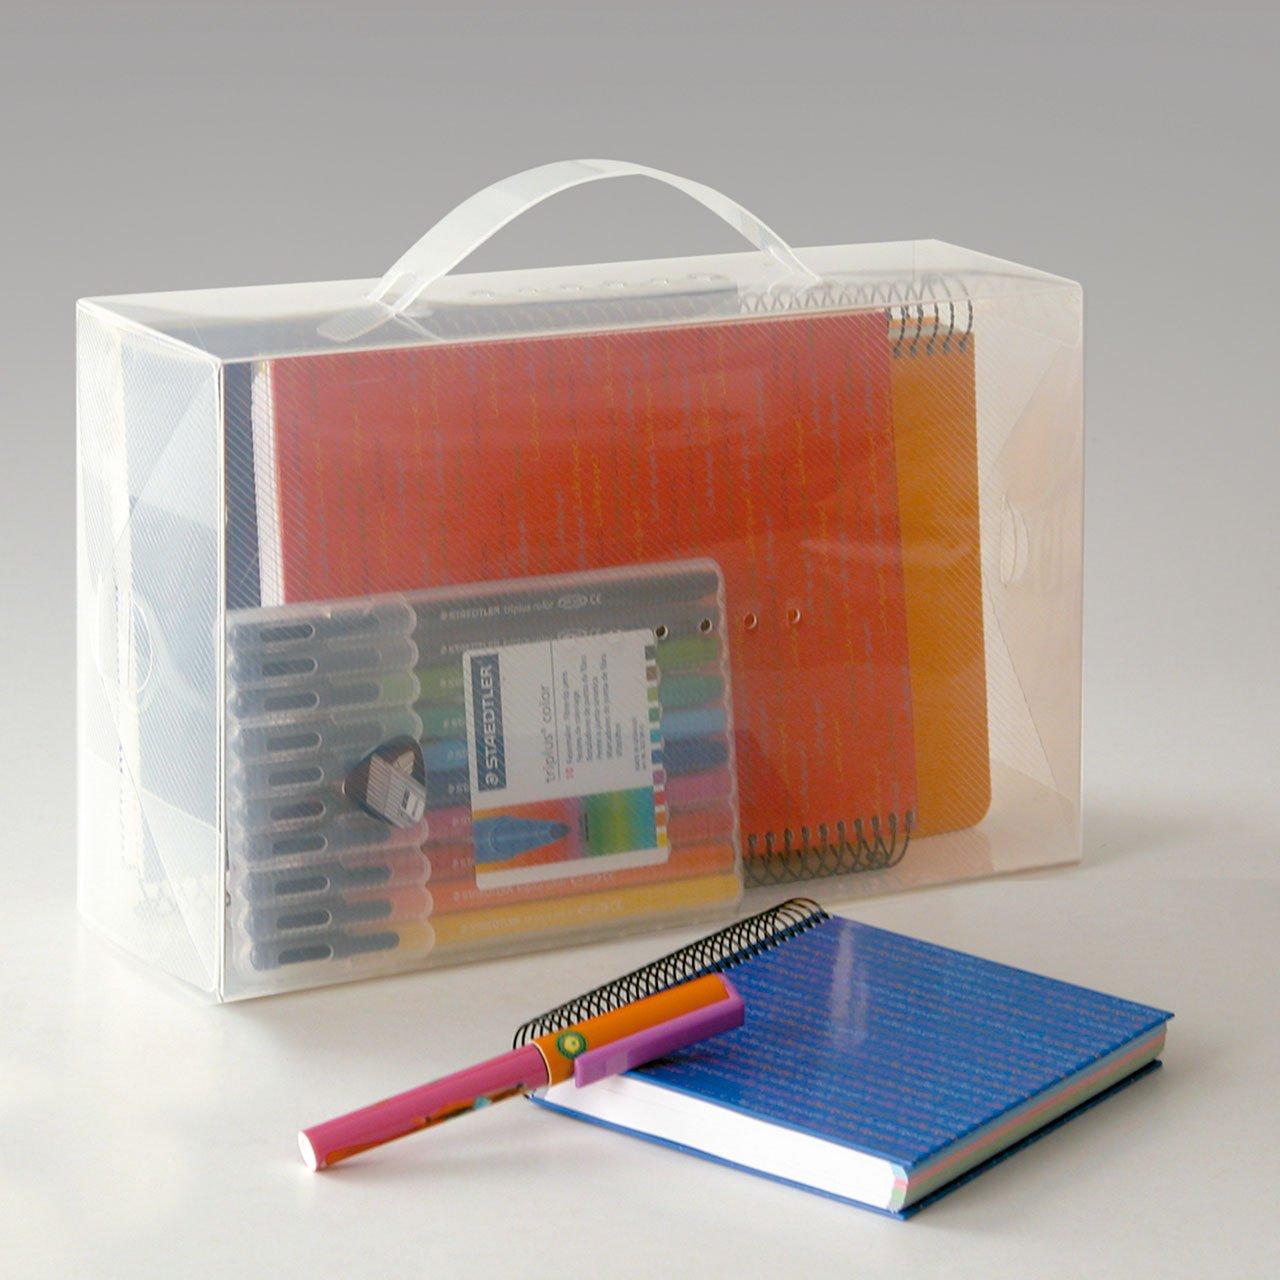 Rayen 2233 Pack De 3 Cajas De Pl Stico Transparente Talla S 30